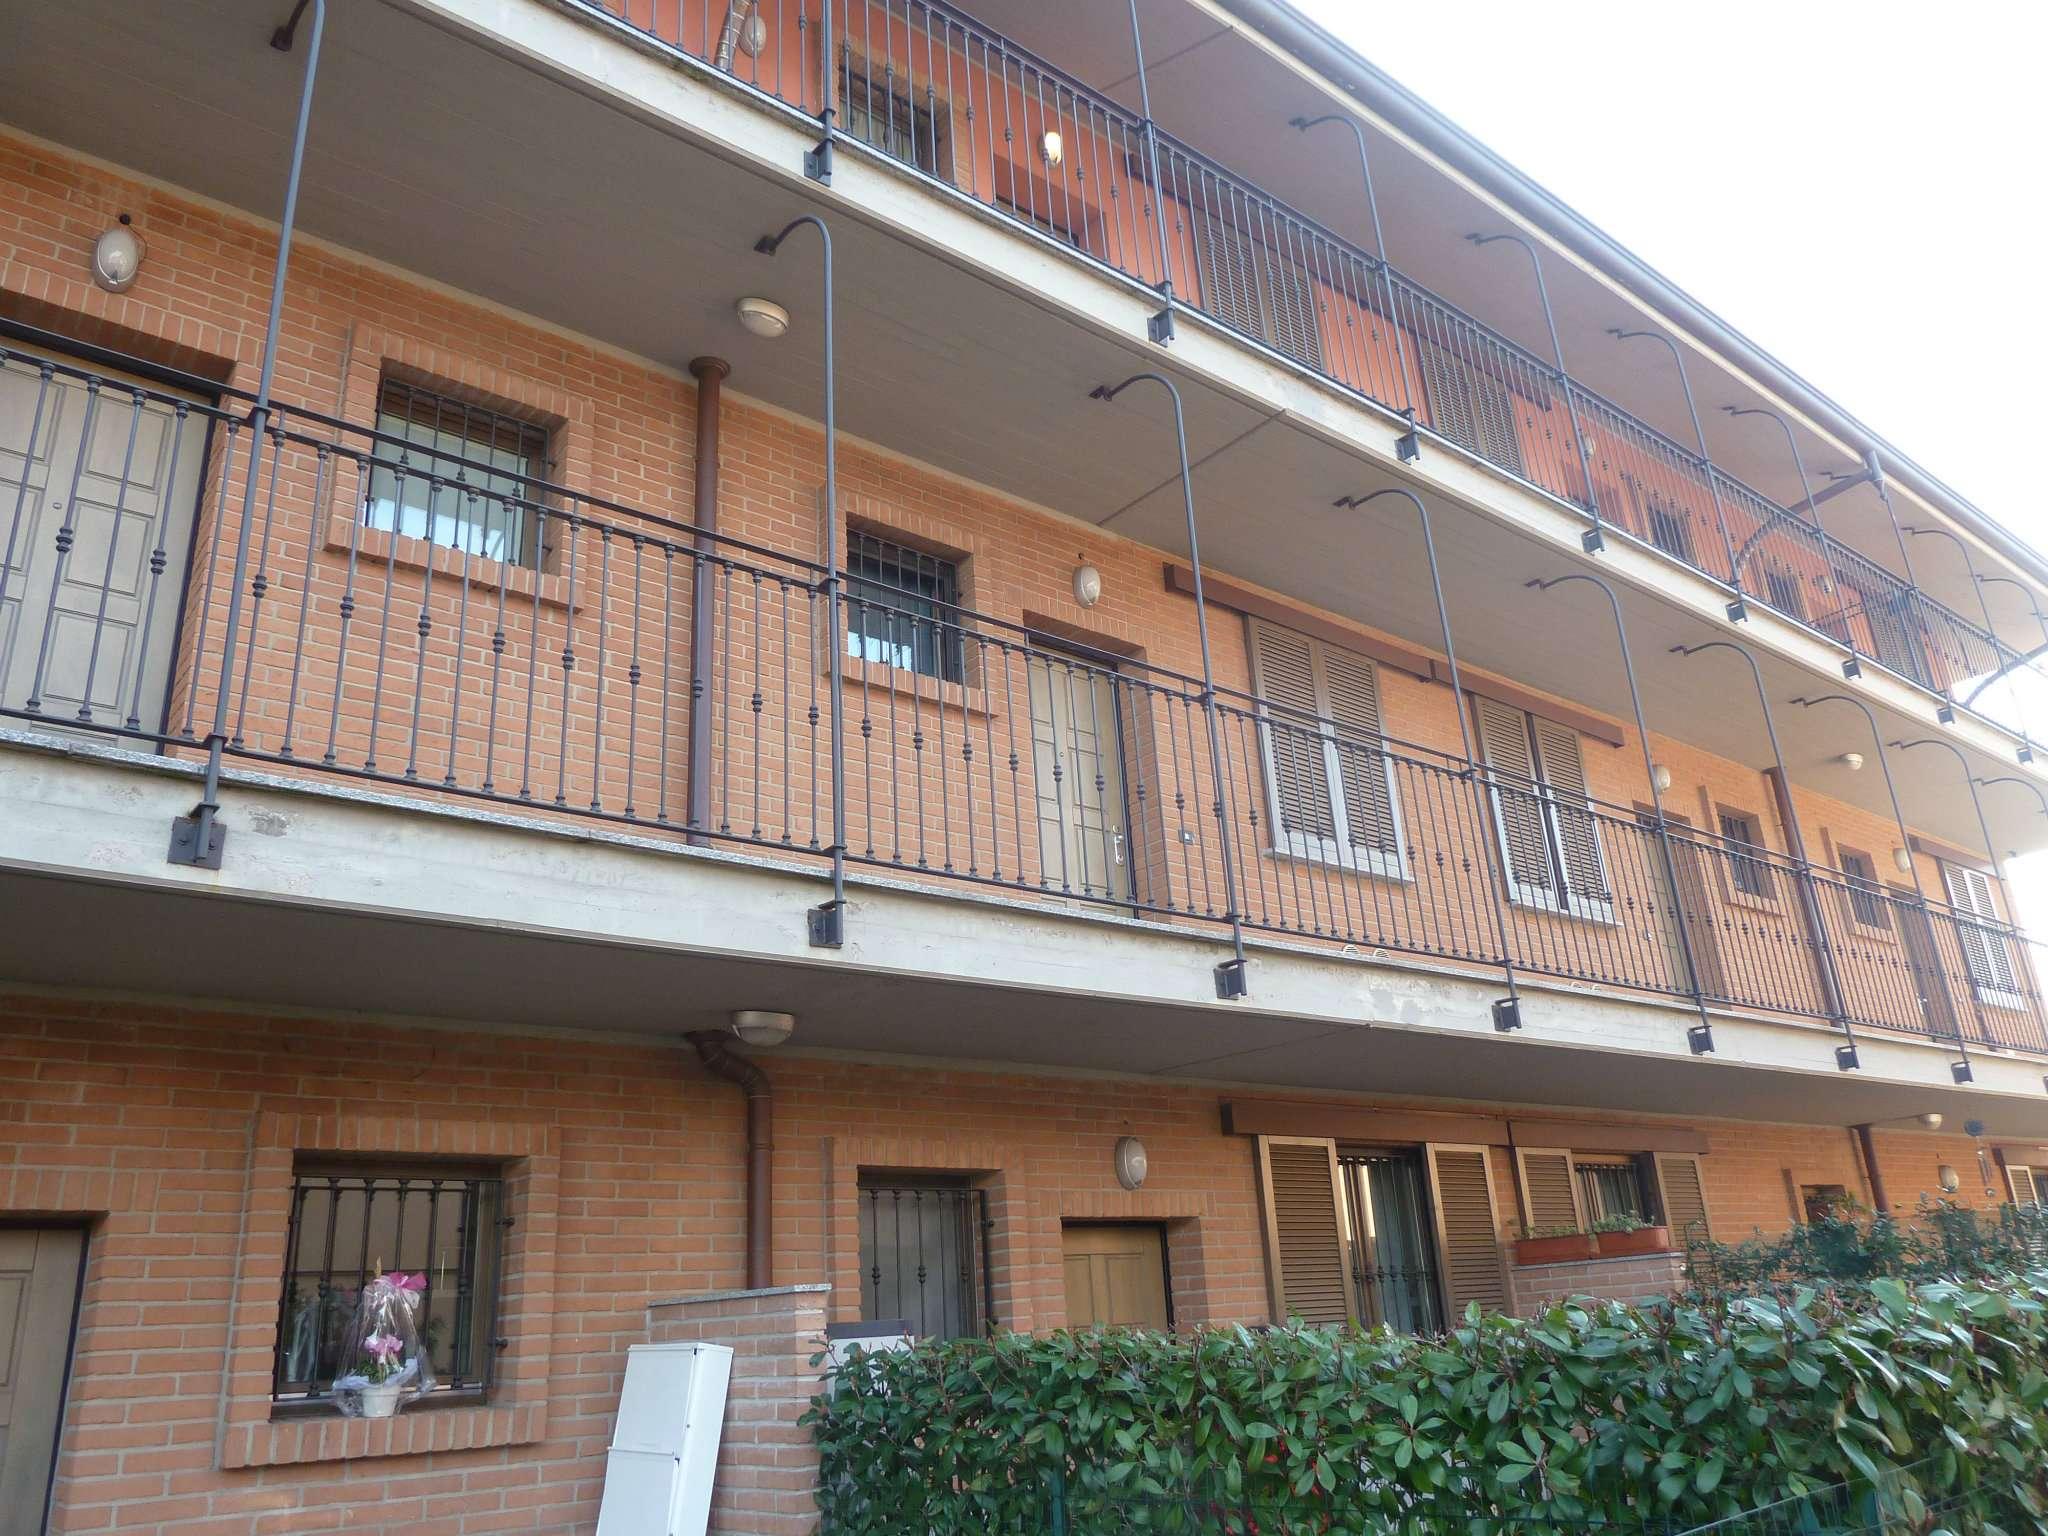 Ufficio / Studio in vendita a Saronno, 2 locali, prezzo € 80.000 | PortaleAgenzieImmobiliari.it